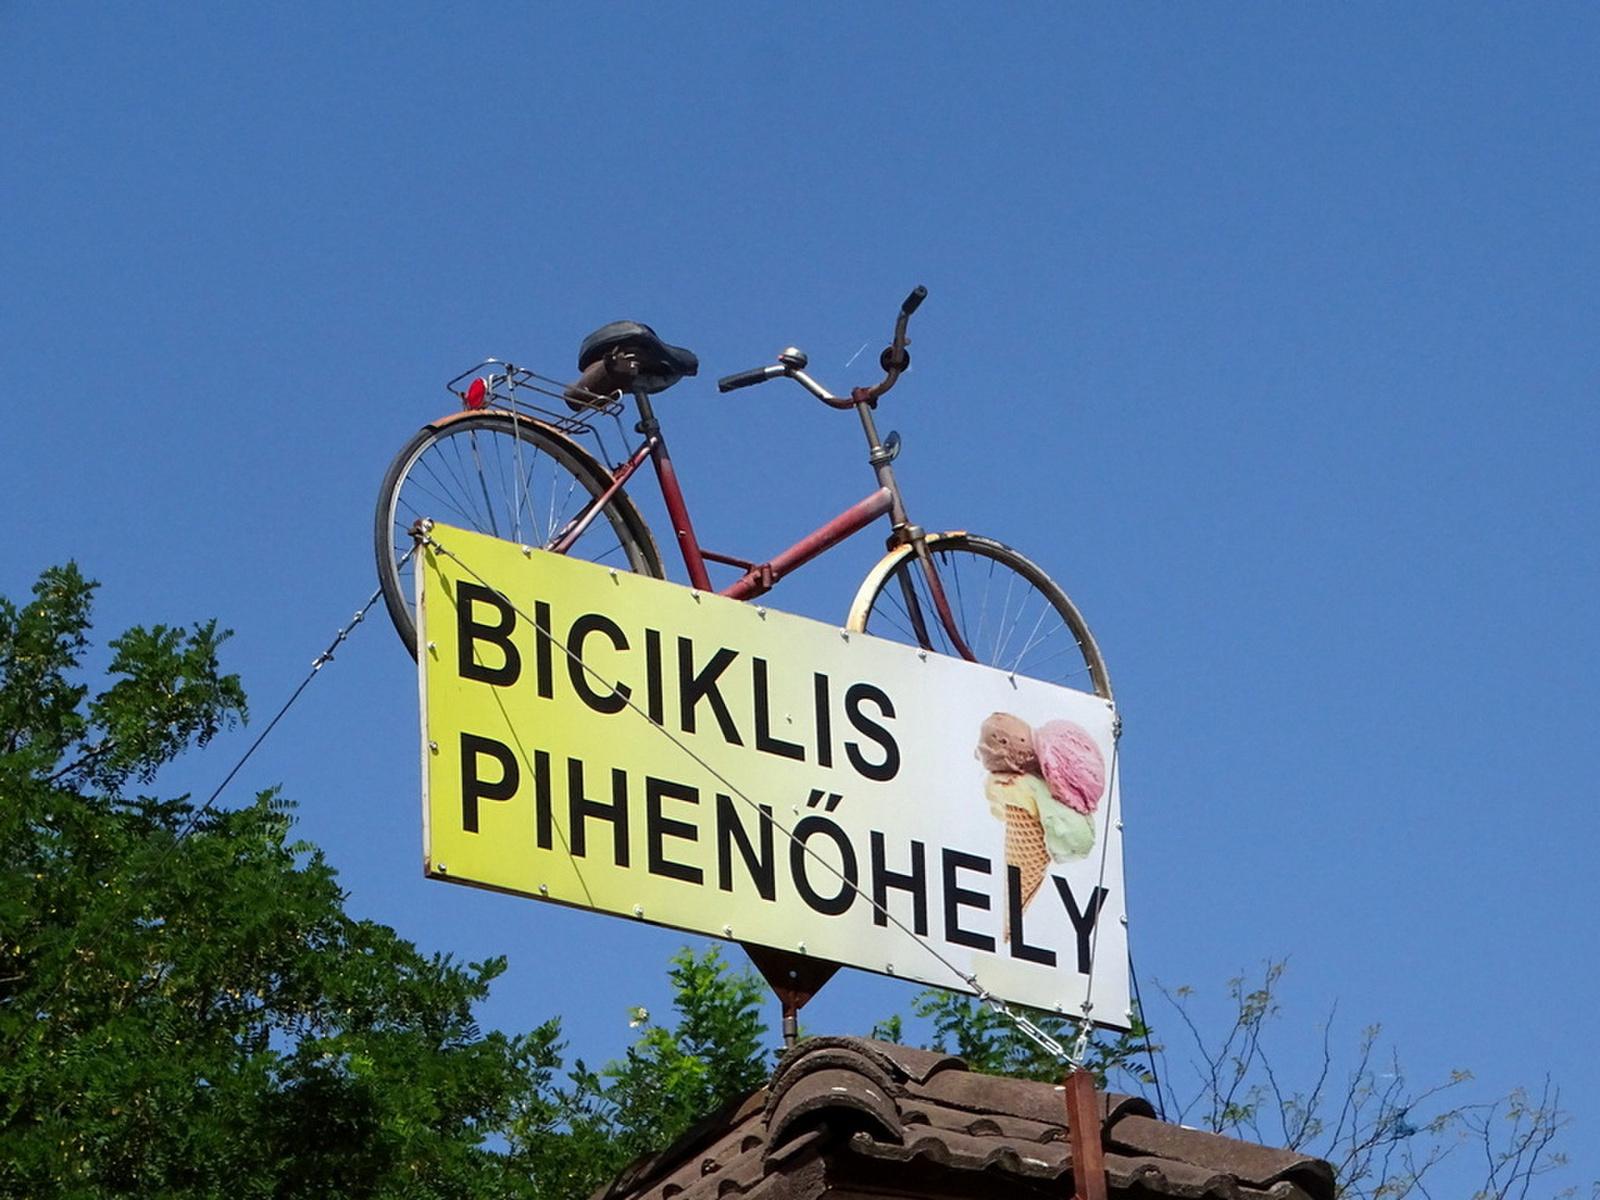 Égi bicikli